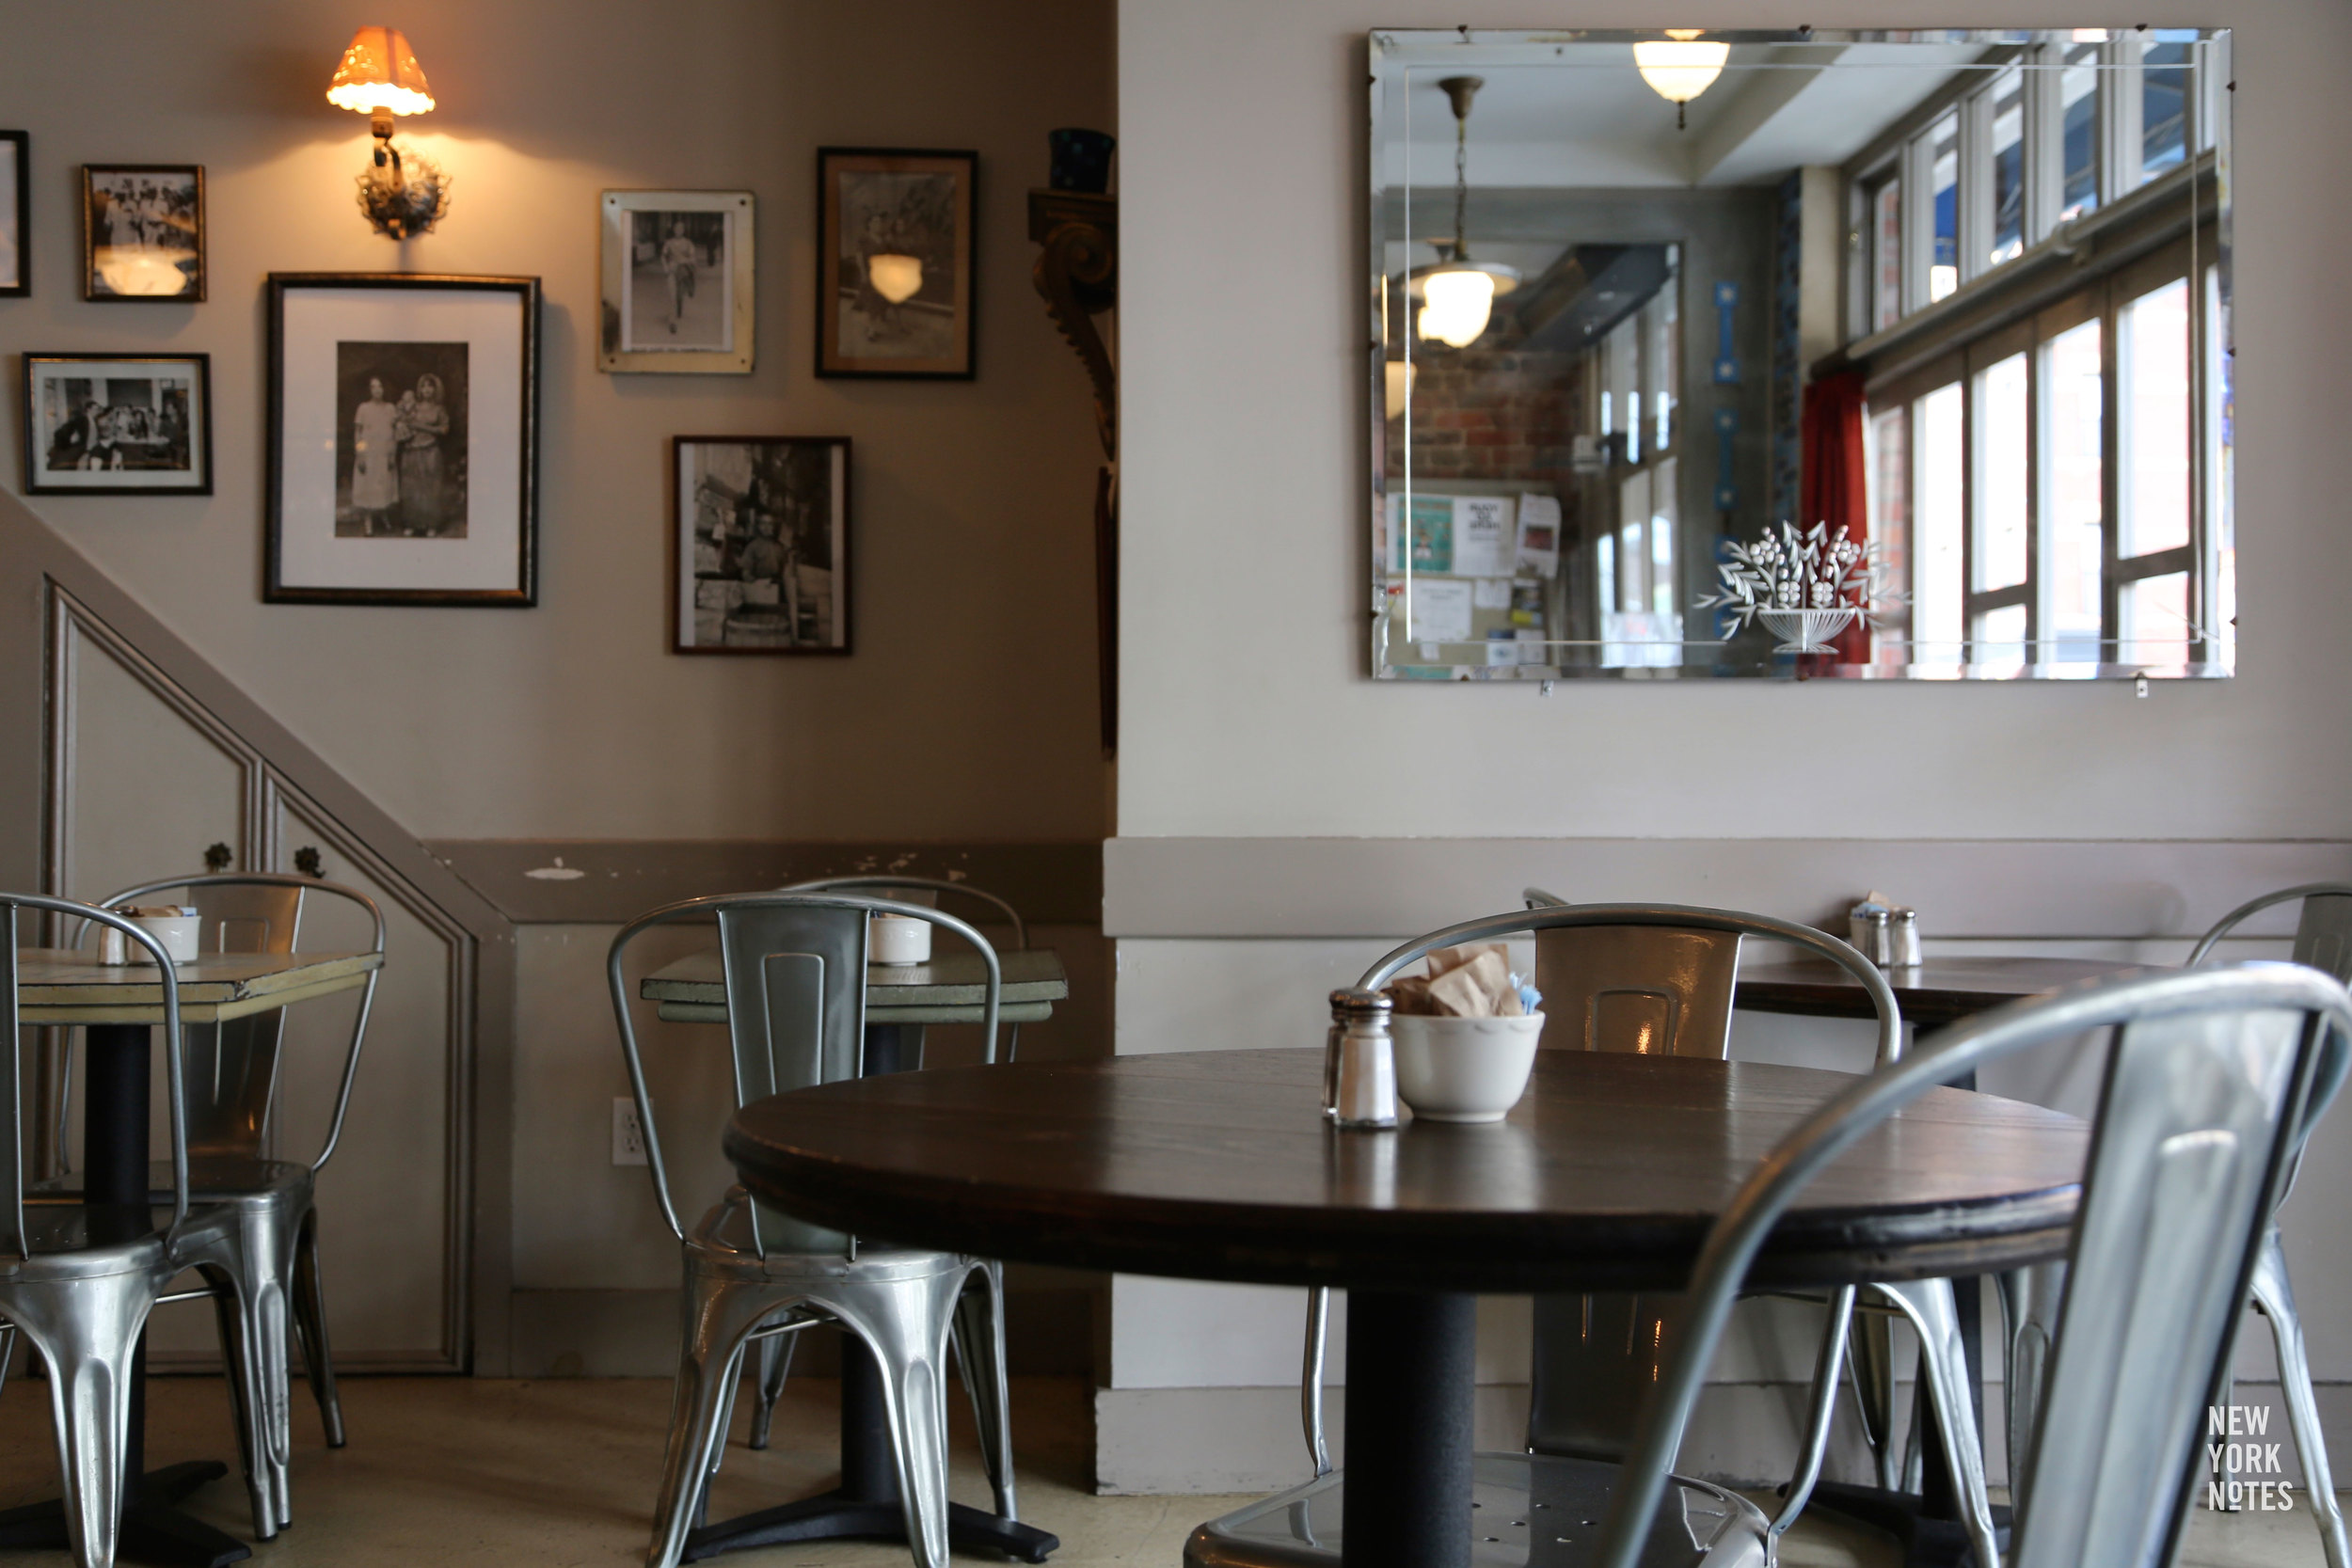 29.04.15 Café Mogador